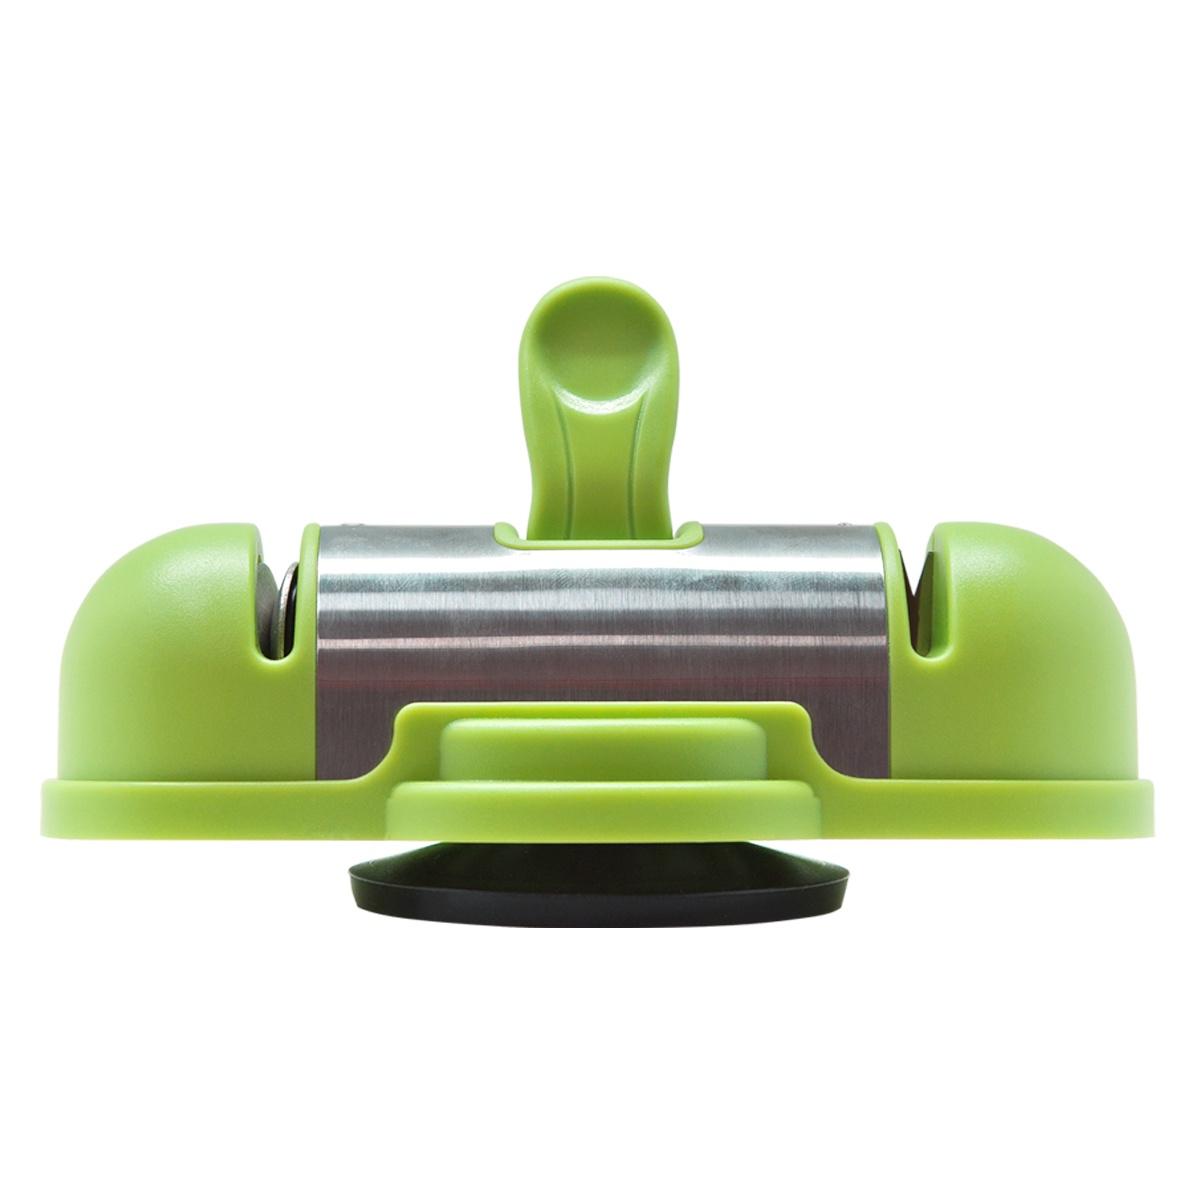 Ножеточка Borner (Германия), двухзонная, цвет: салатовый